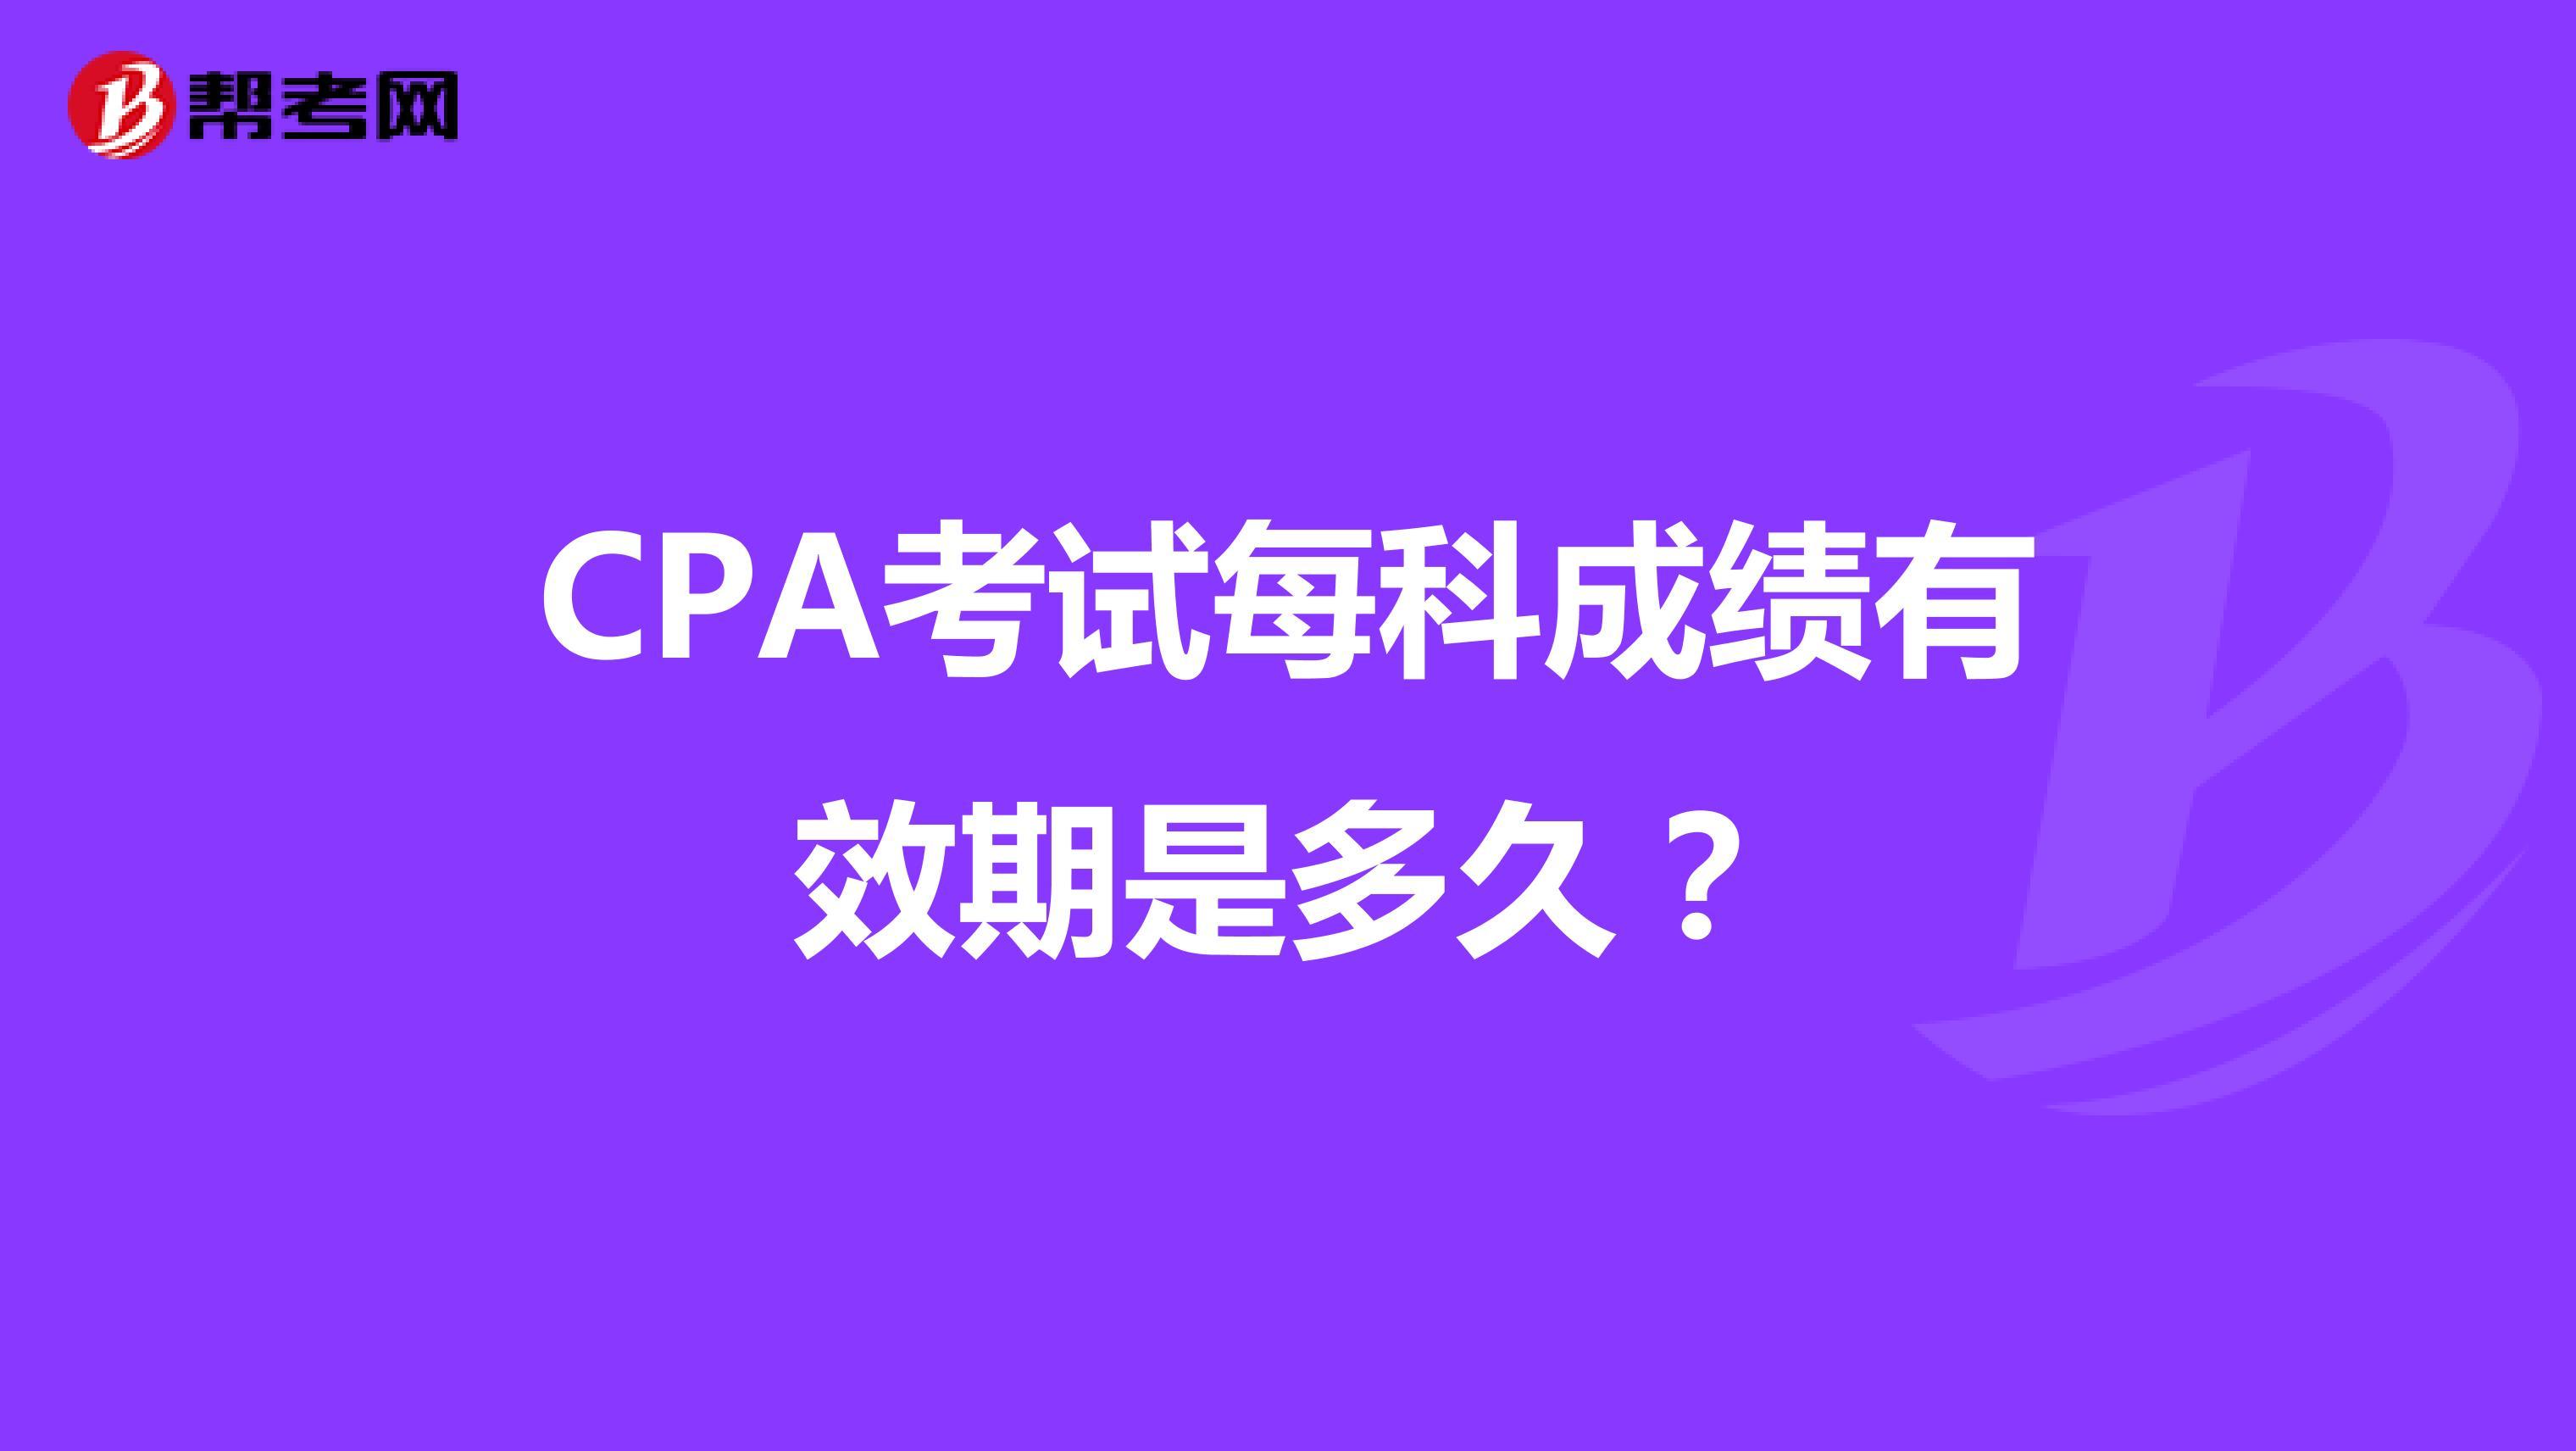 CPA考试每科成绩有效期是多久?